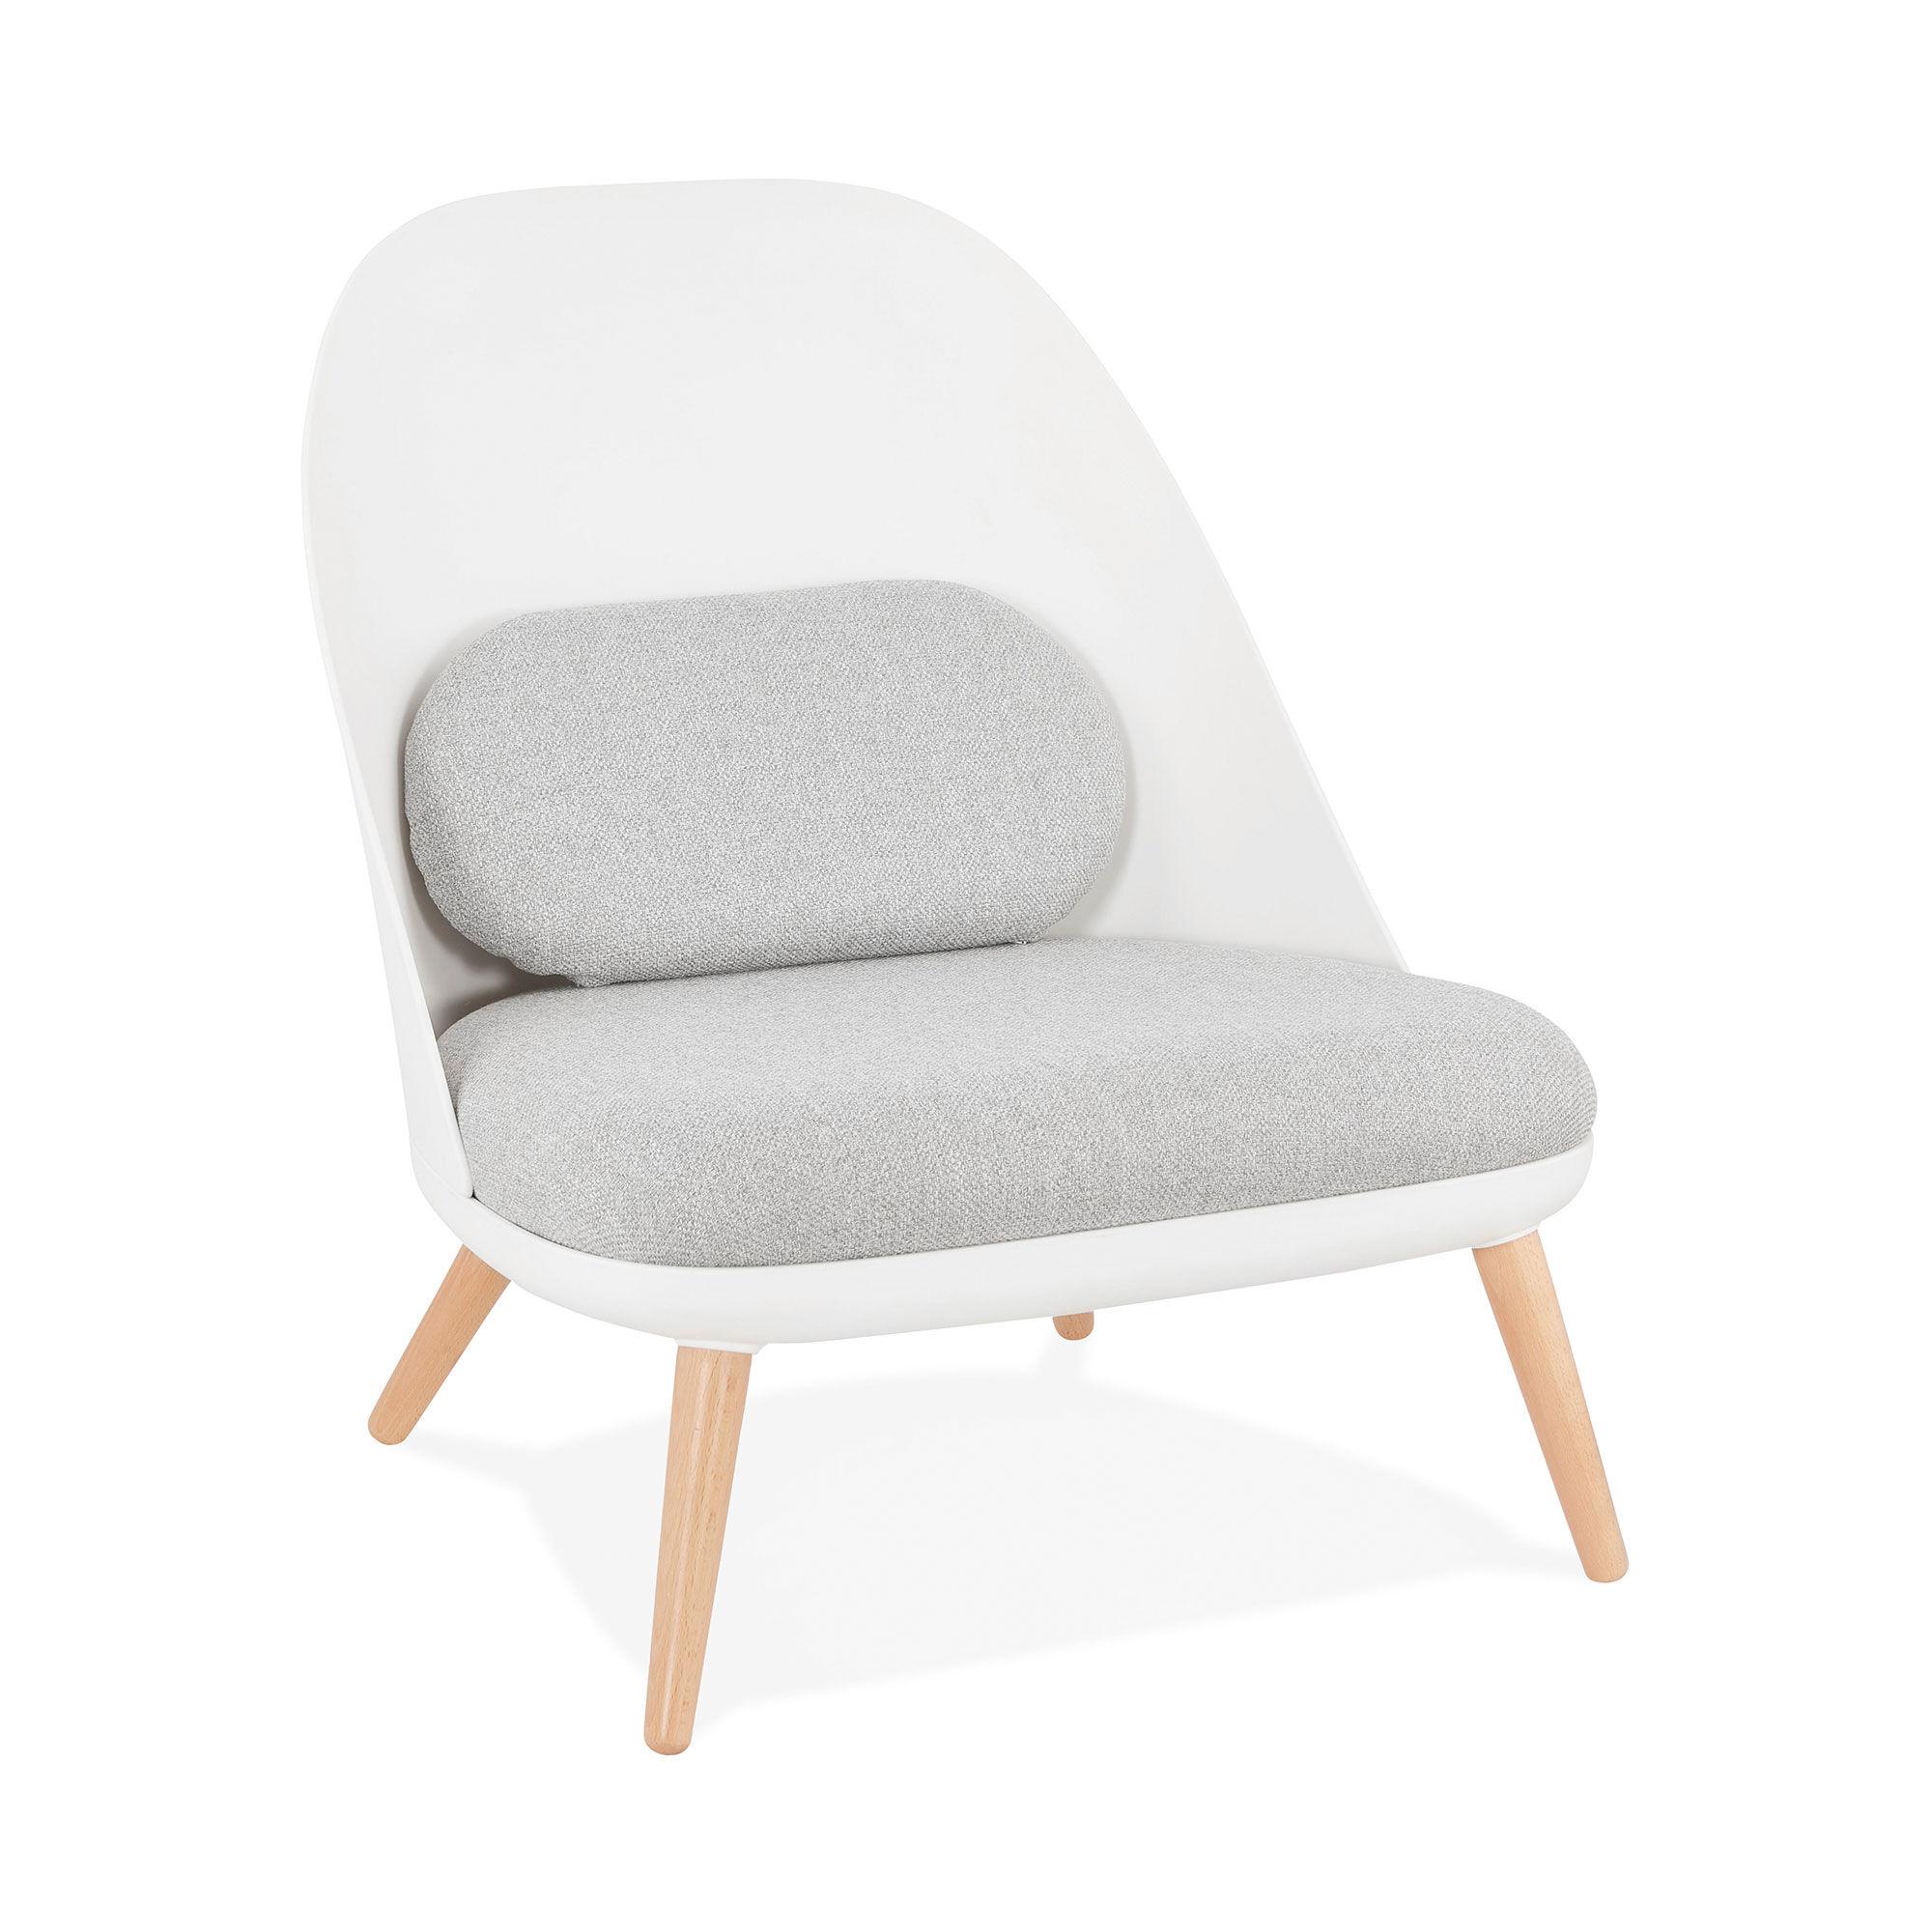 Fauteuil 74x66x76 cm blanc avec coussin gris